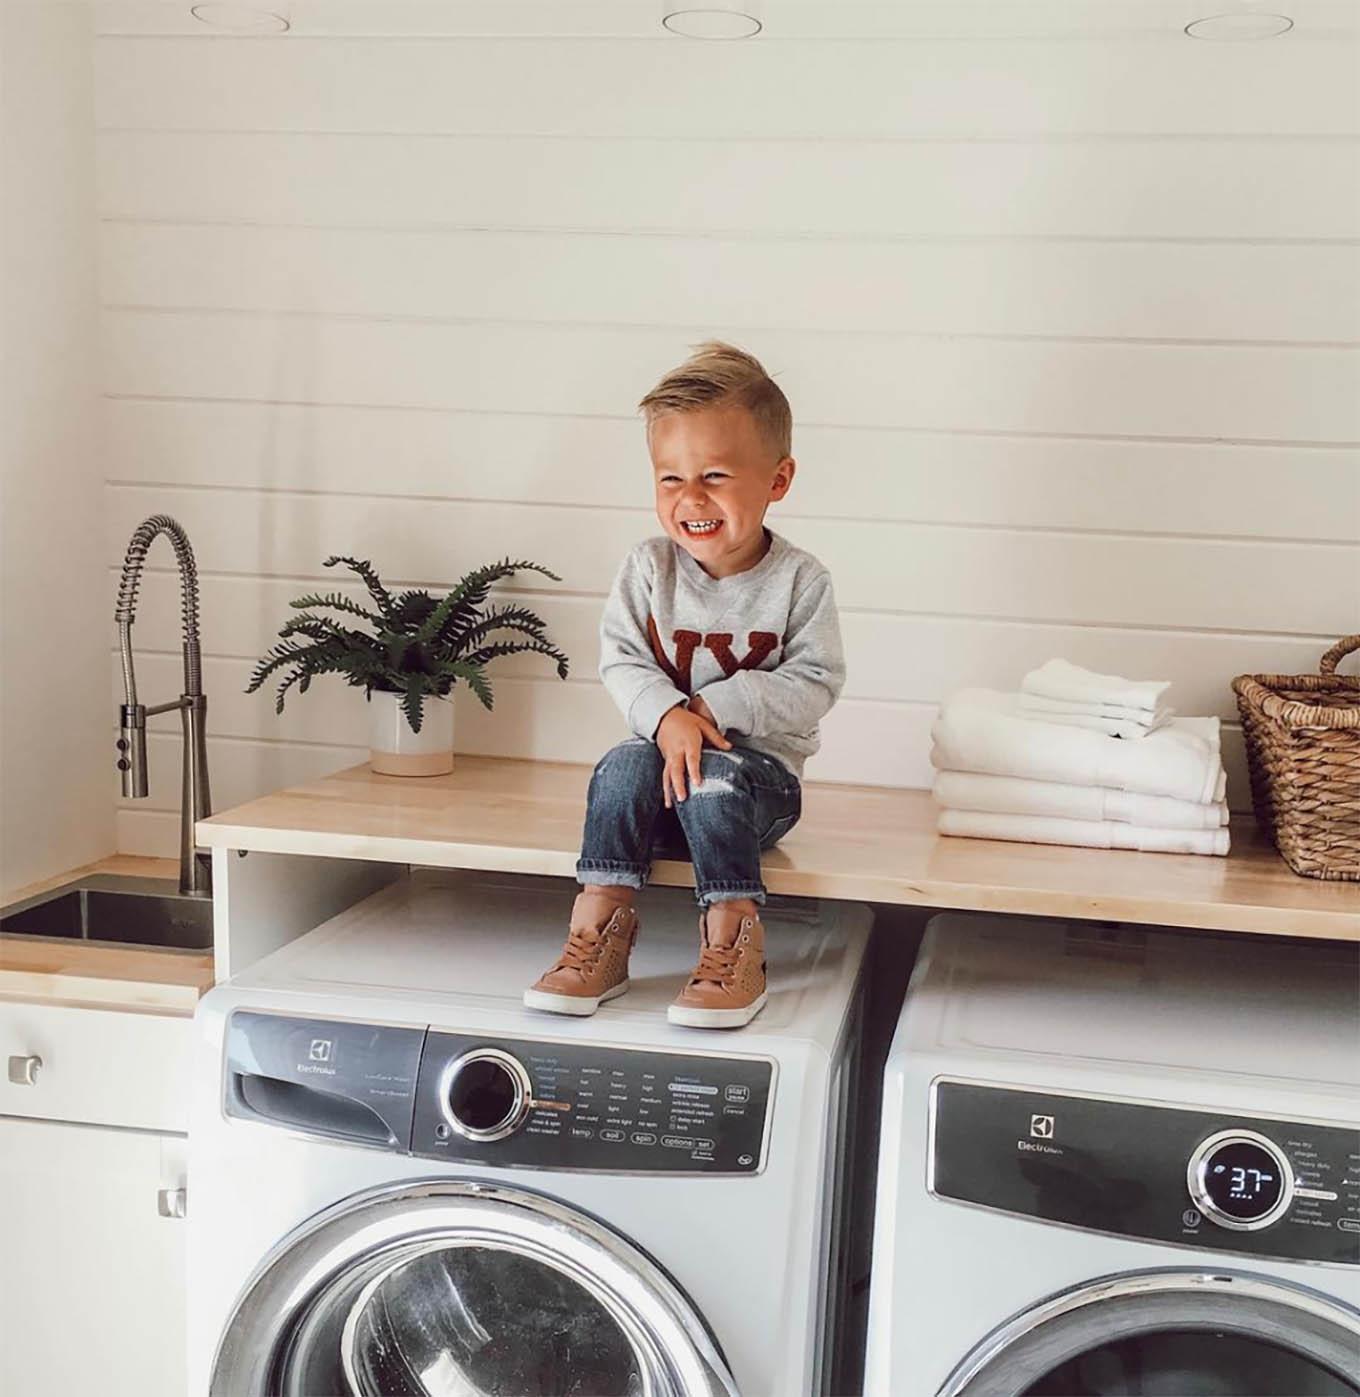 beckam andrew laundry